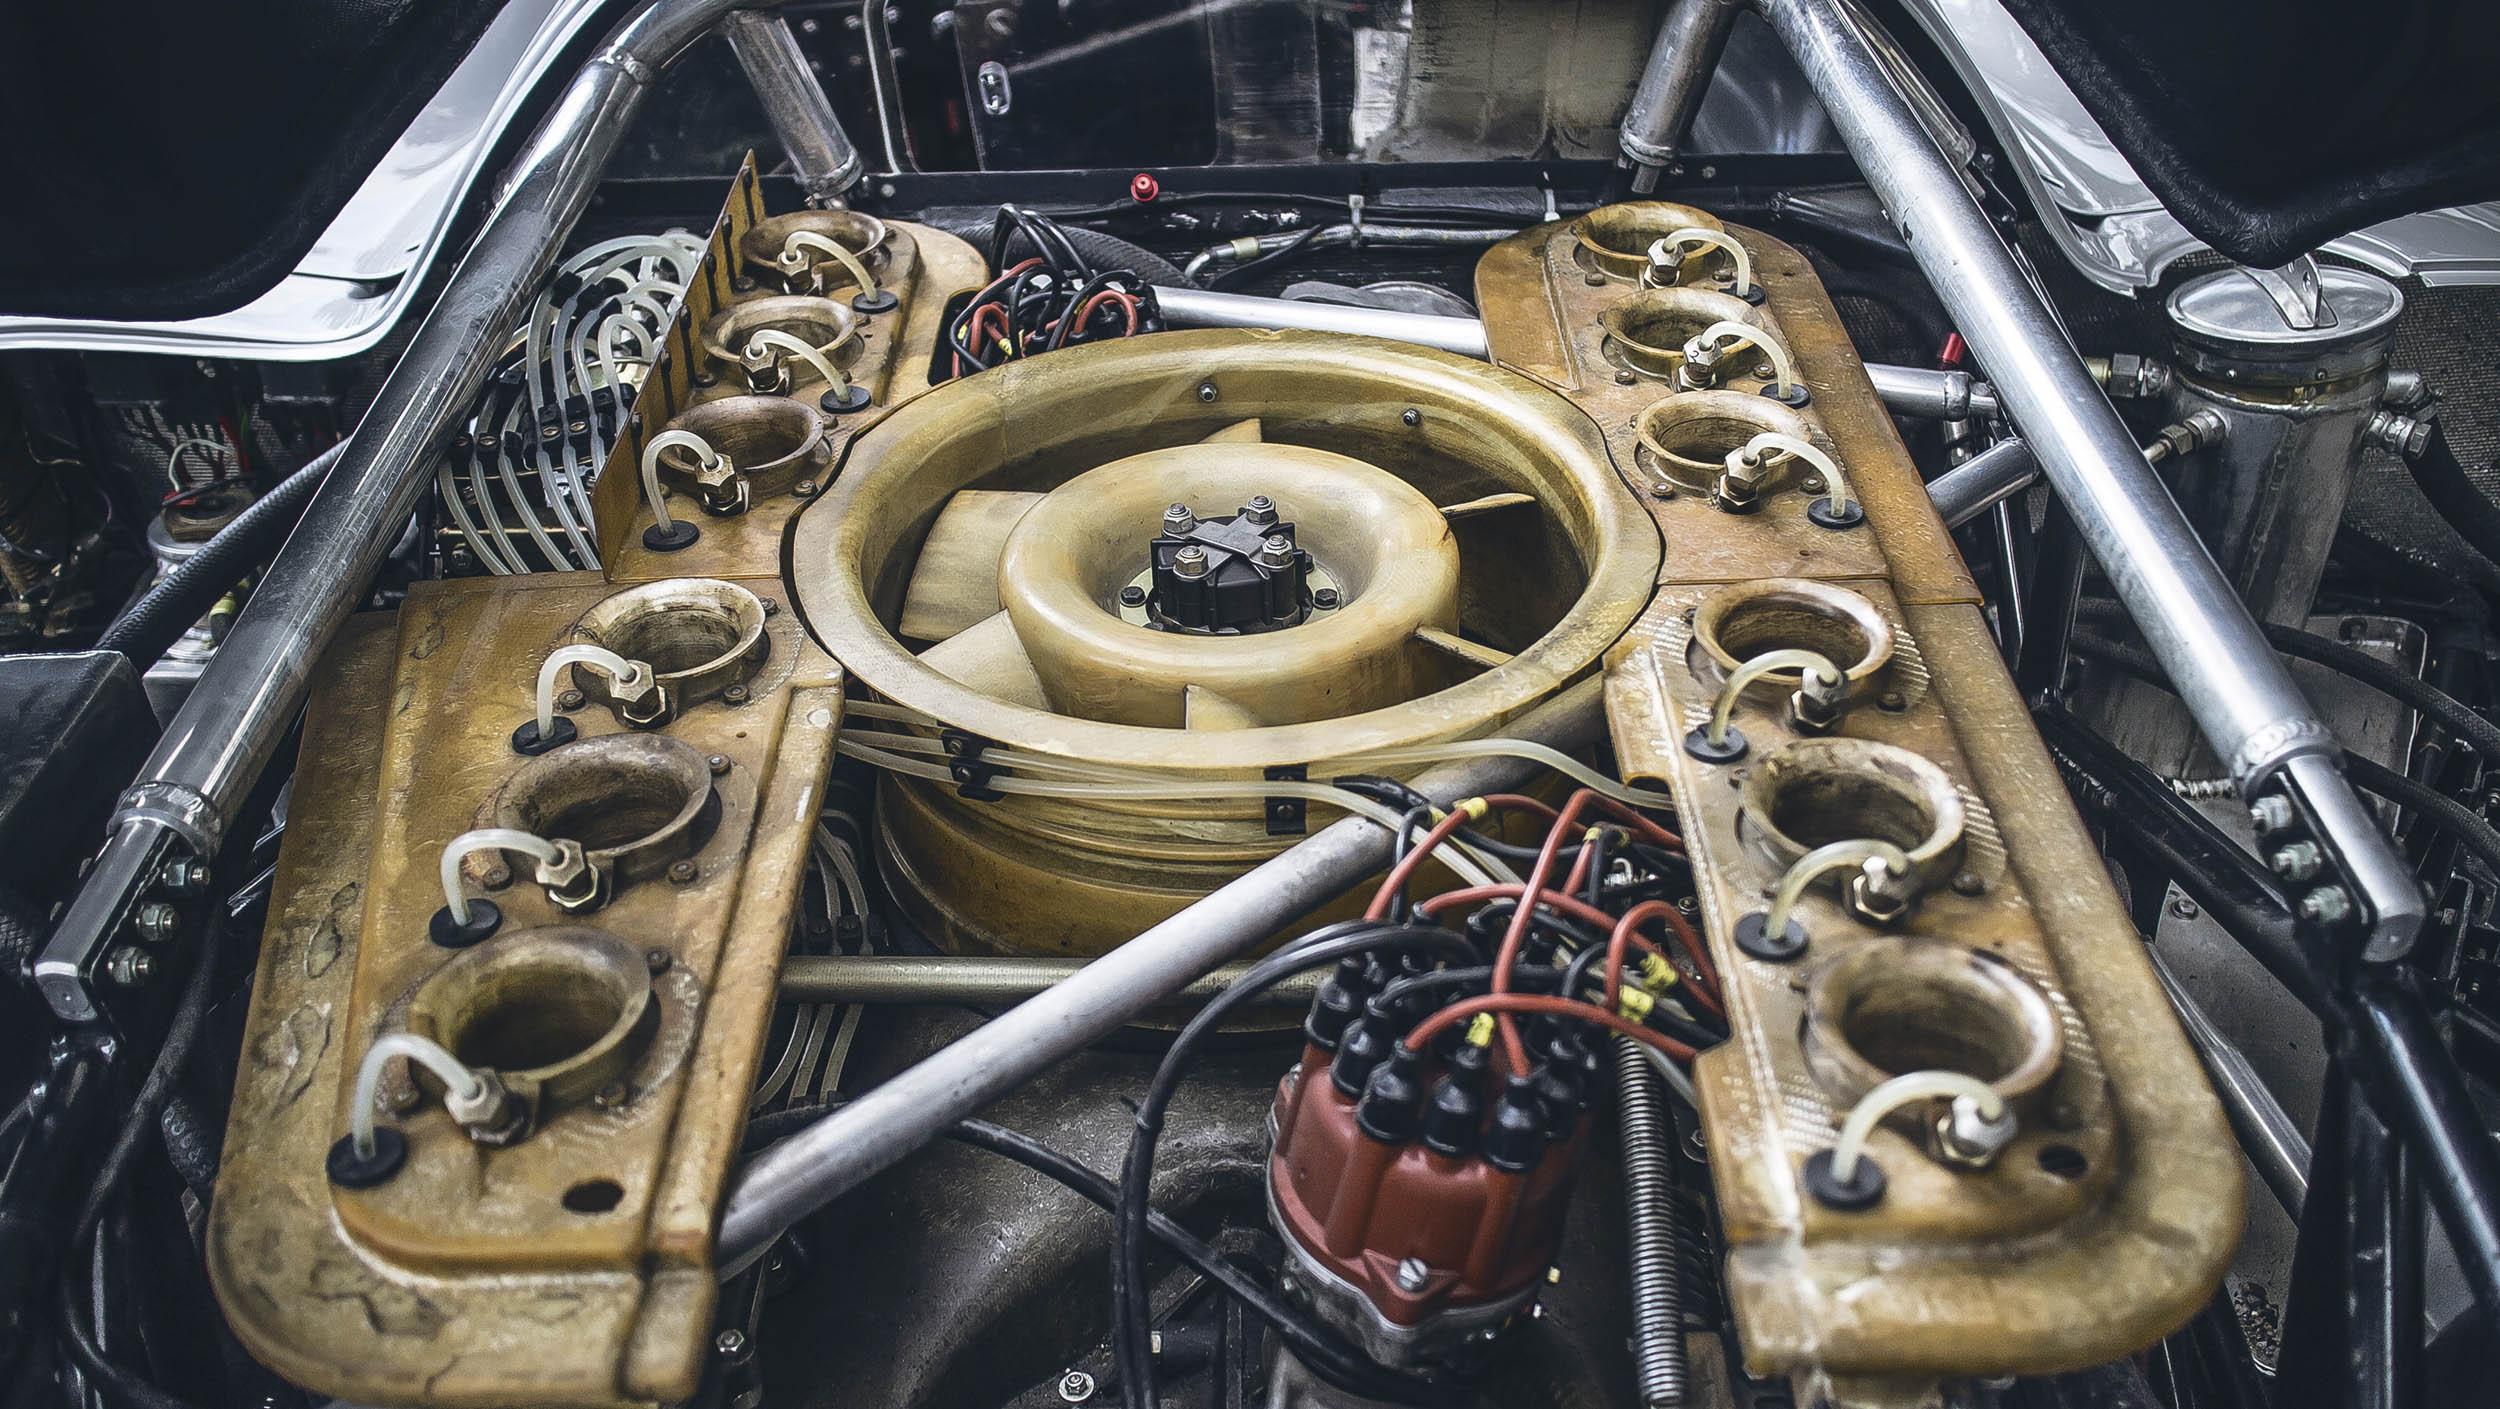 Porsche 917K engine